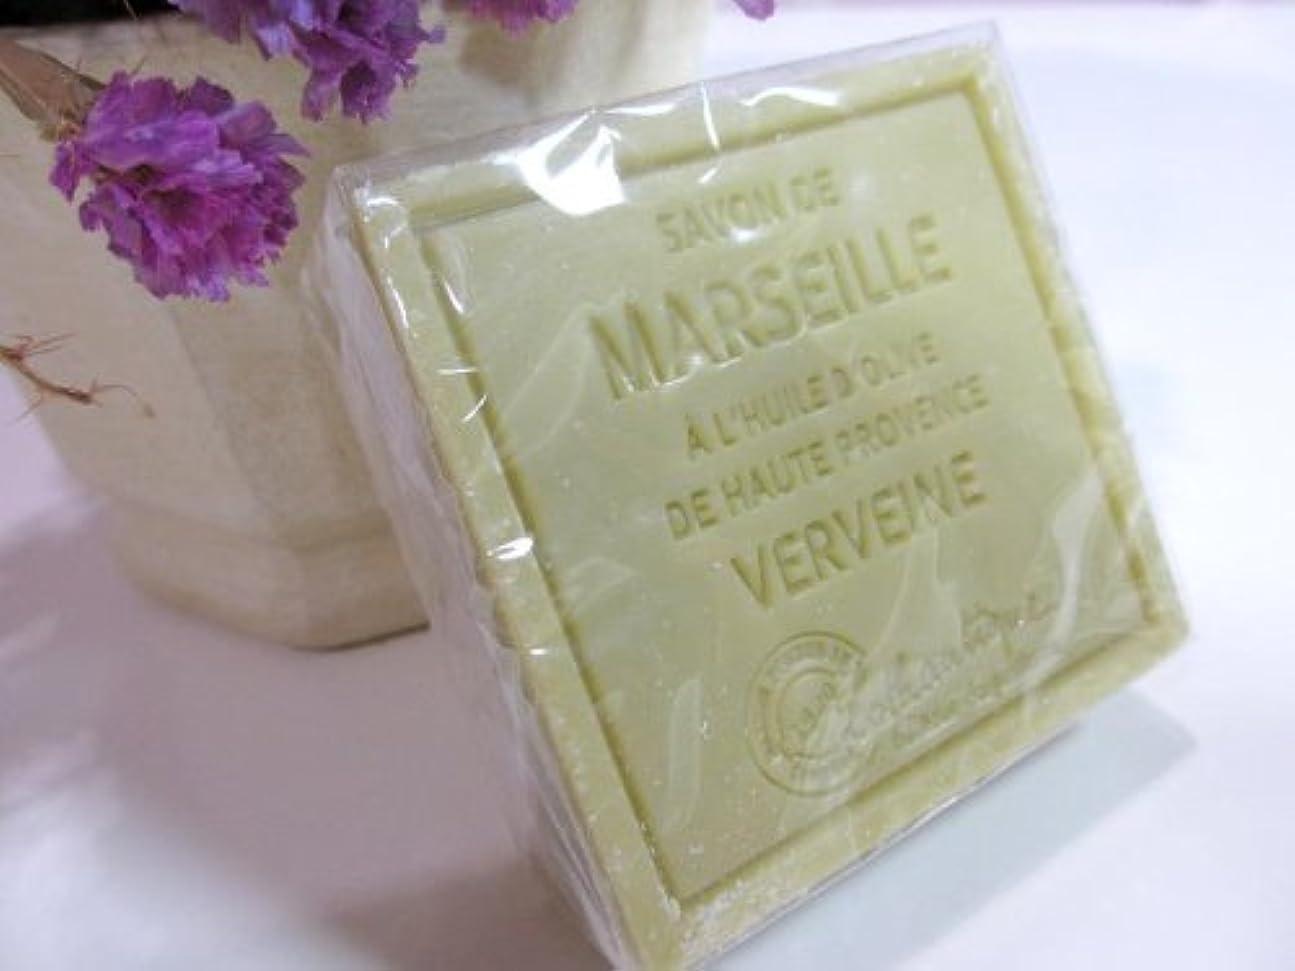 せがむインシデント驚いたことにLothantique(ロタンティック) Les savons de Marseille(マルセイユソープ) マルセイユソープ 100g 「ベルベーヌ」 3420070038142